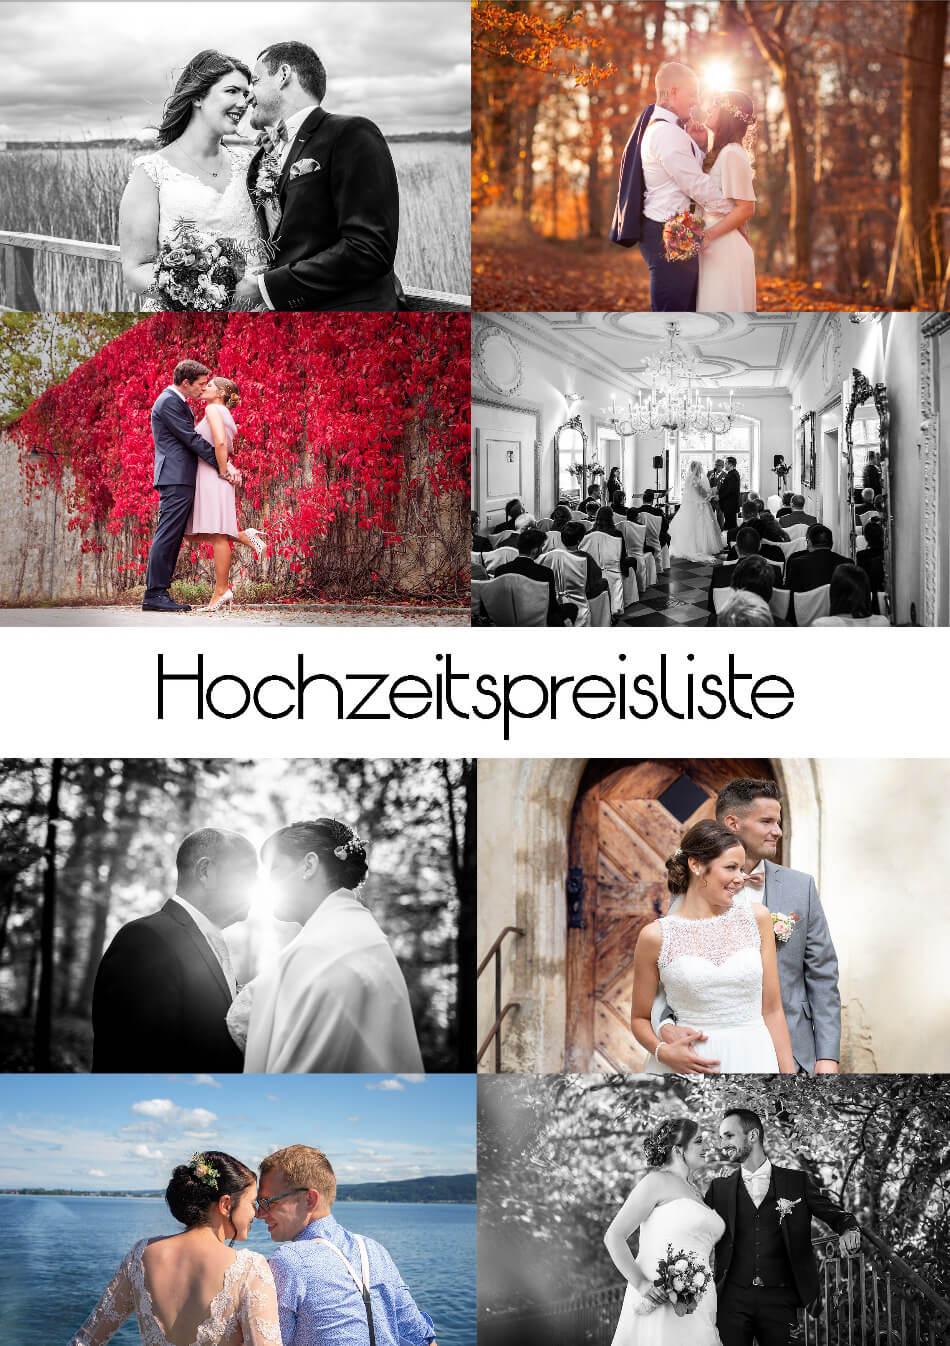 Hochzeitspreiliste